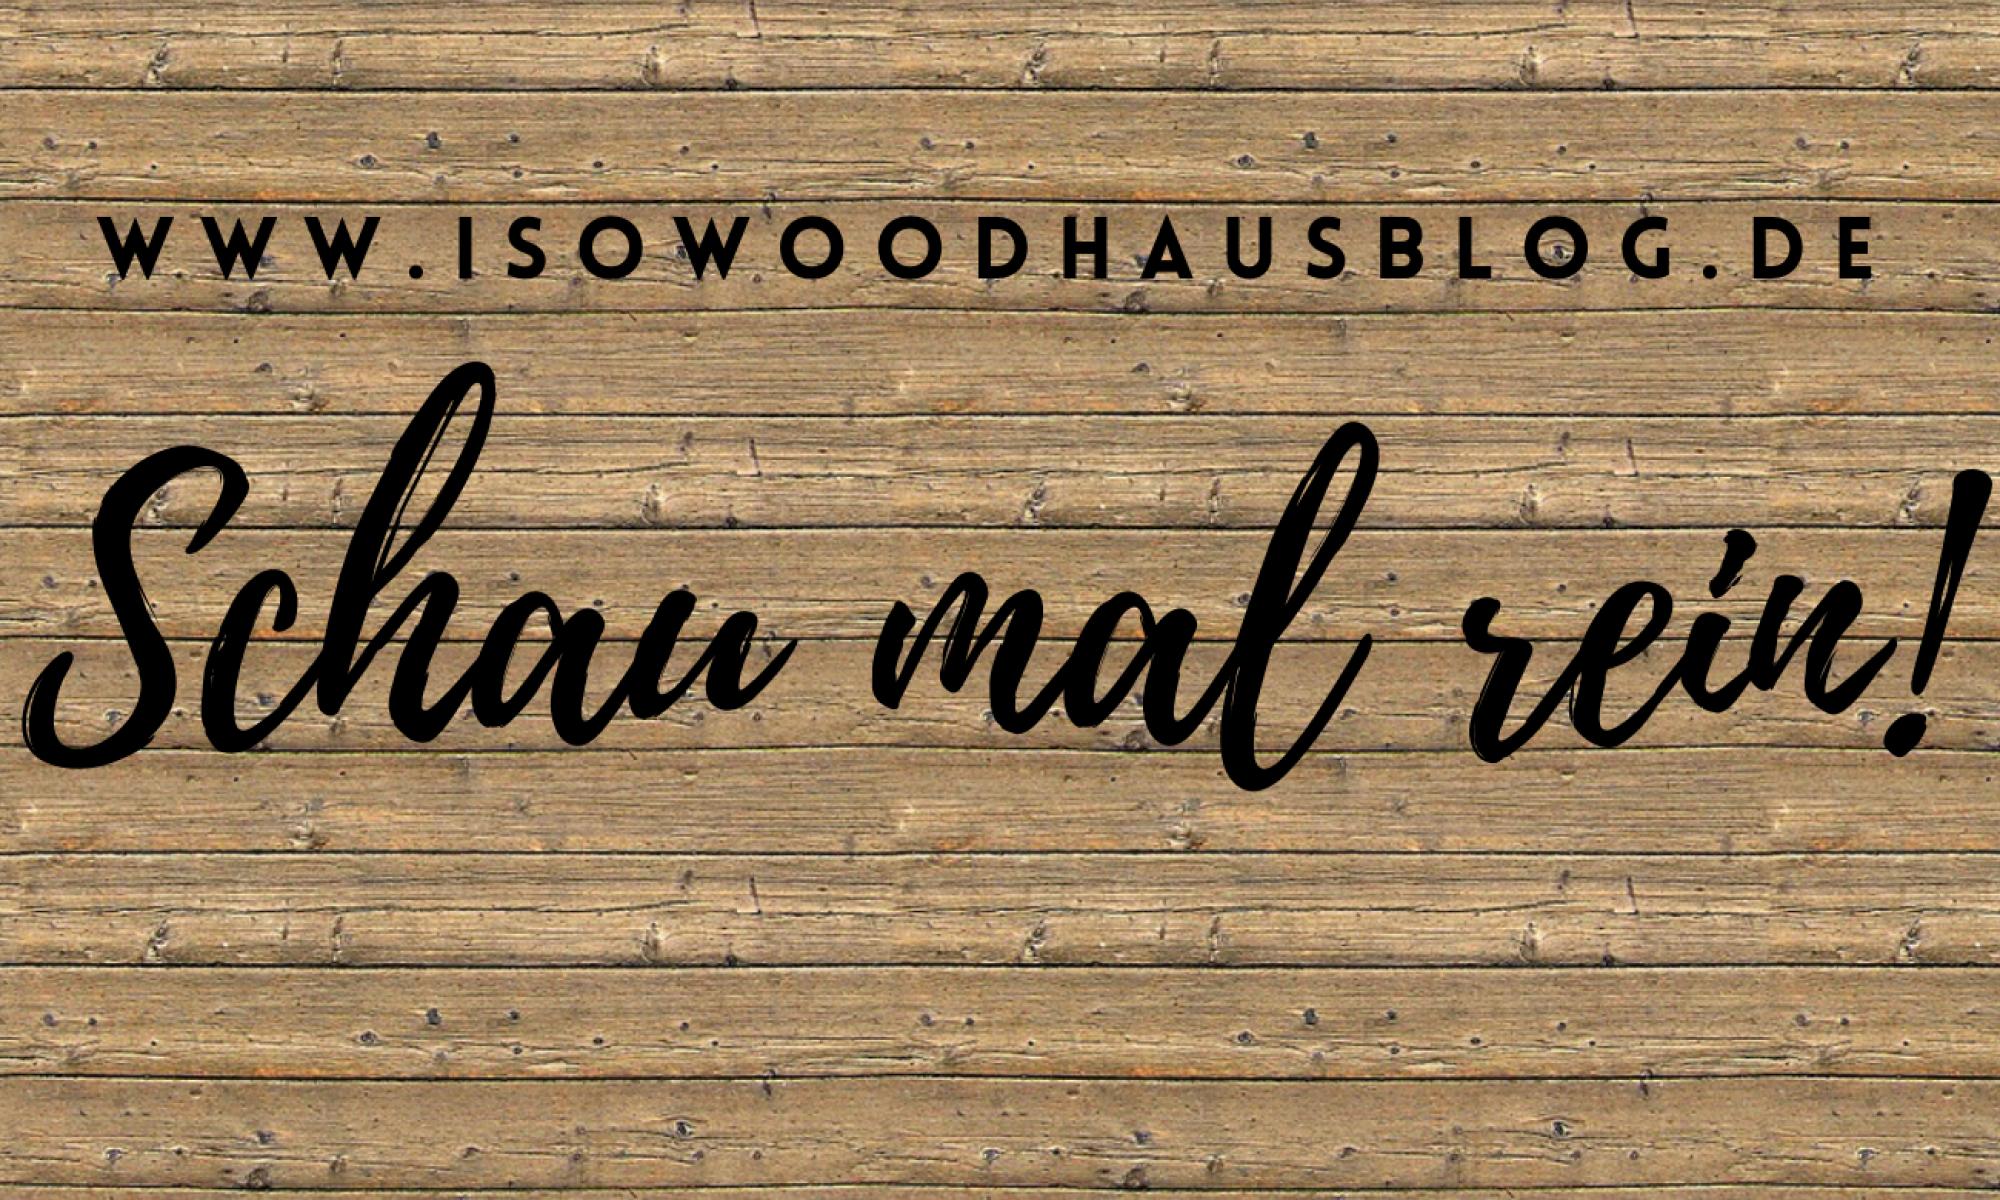 ISOWOODHAUSBLOG.de